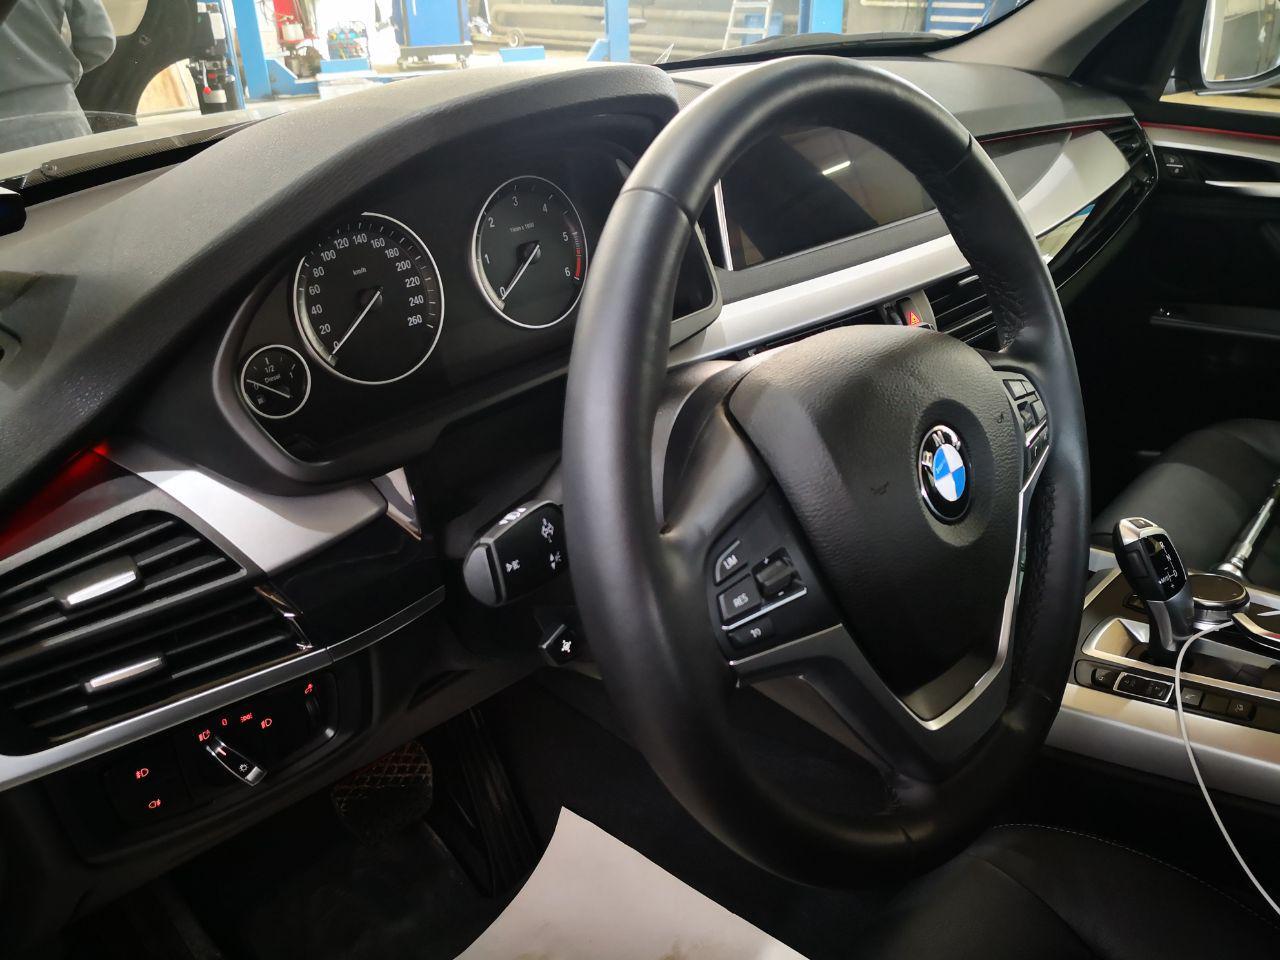 старый руль и стоковая панель приборов, BMW F16